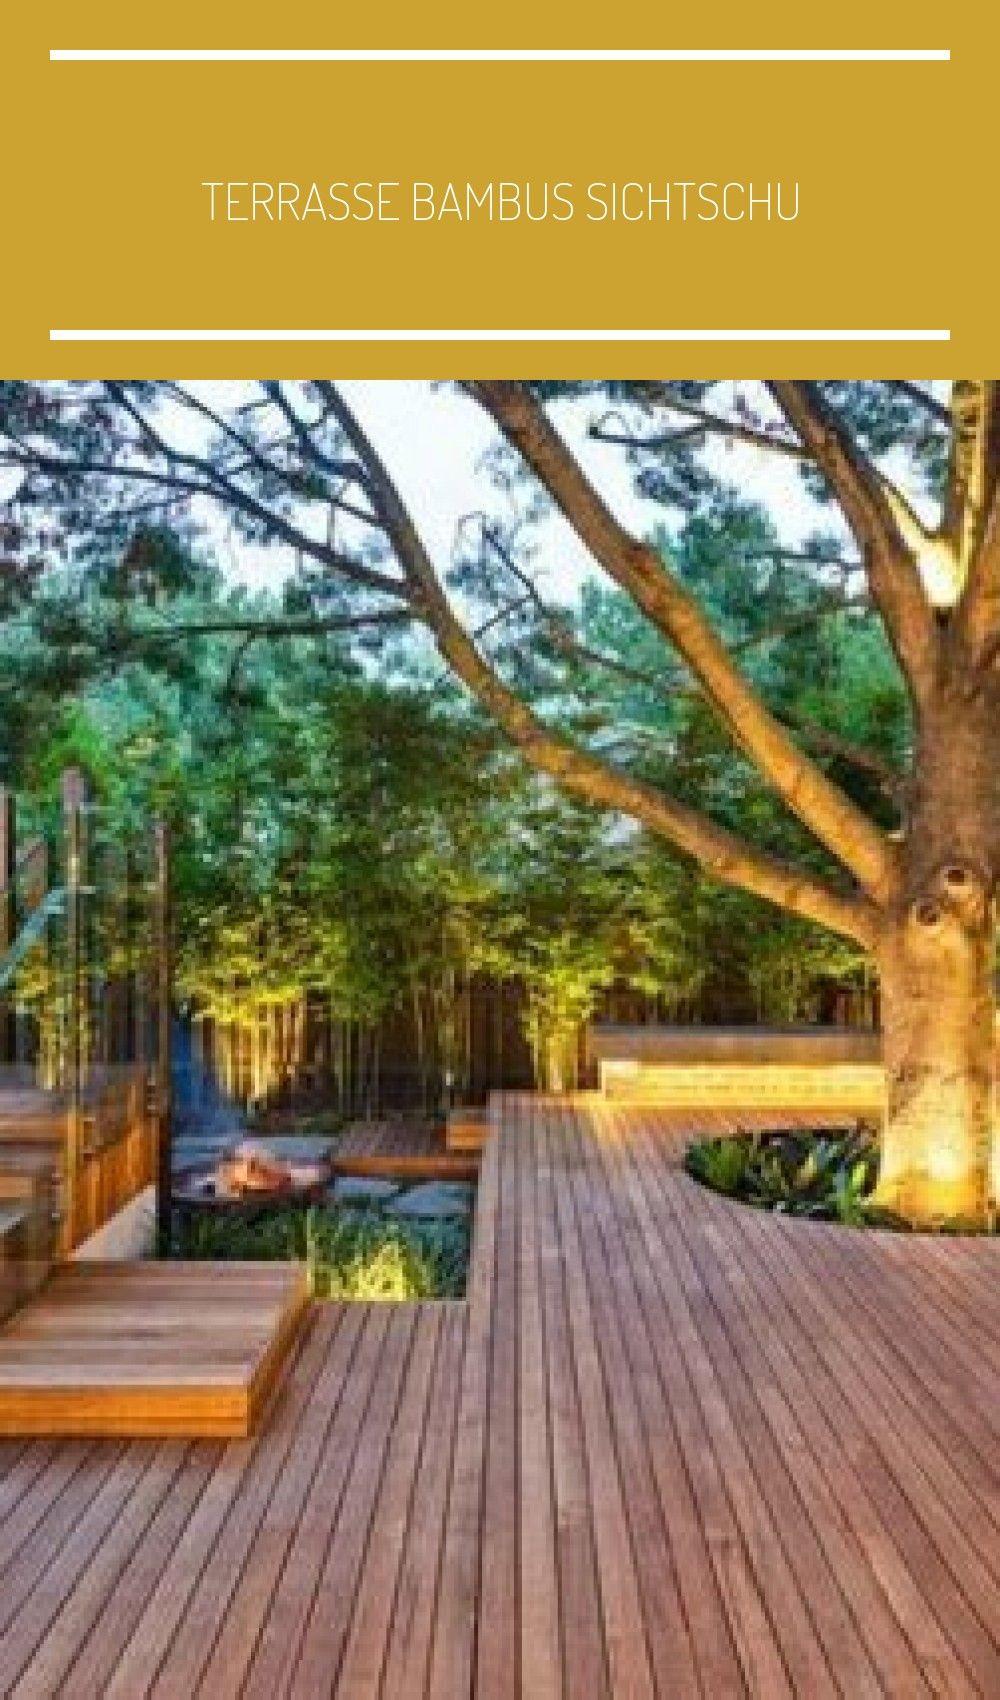 Terrasse Bambus Sichtschu En 2020 Con Imagenes Casas Proyectos